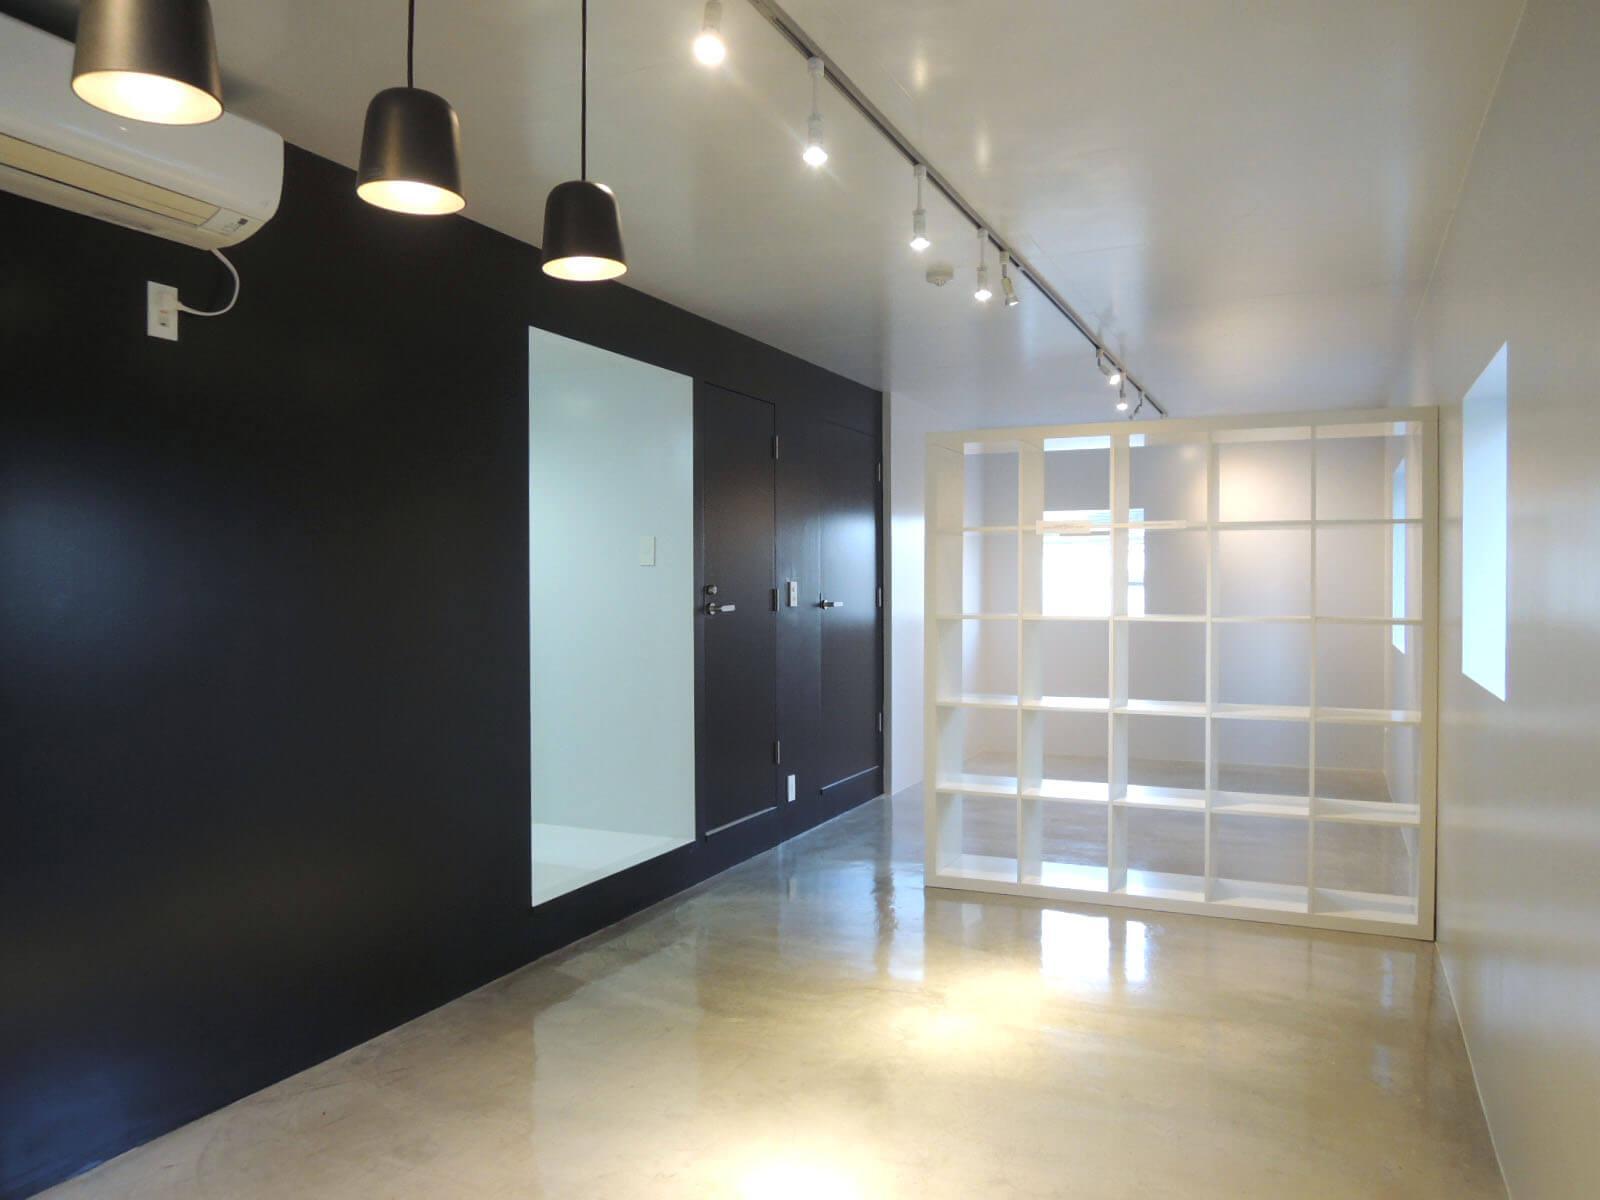 輝くモルタルの床、黒壁に浮かぶ白い穴はキッチン